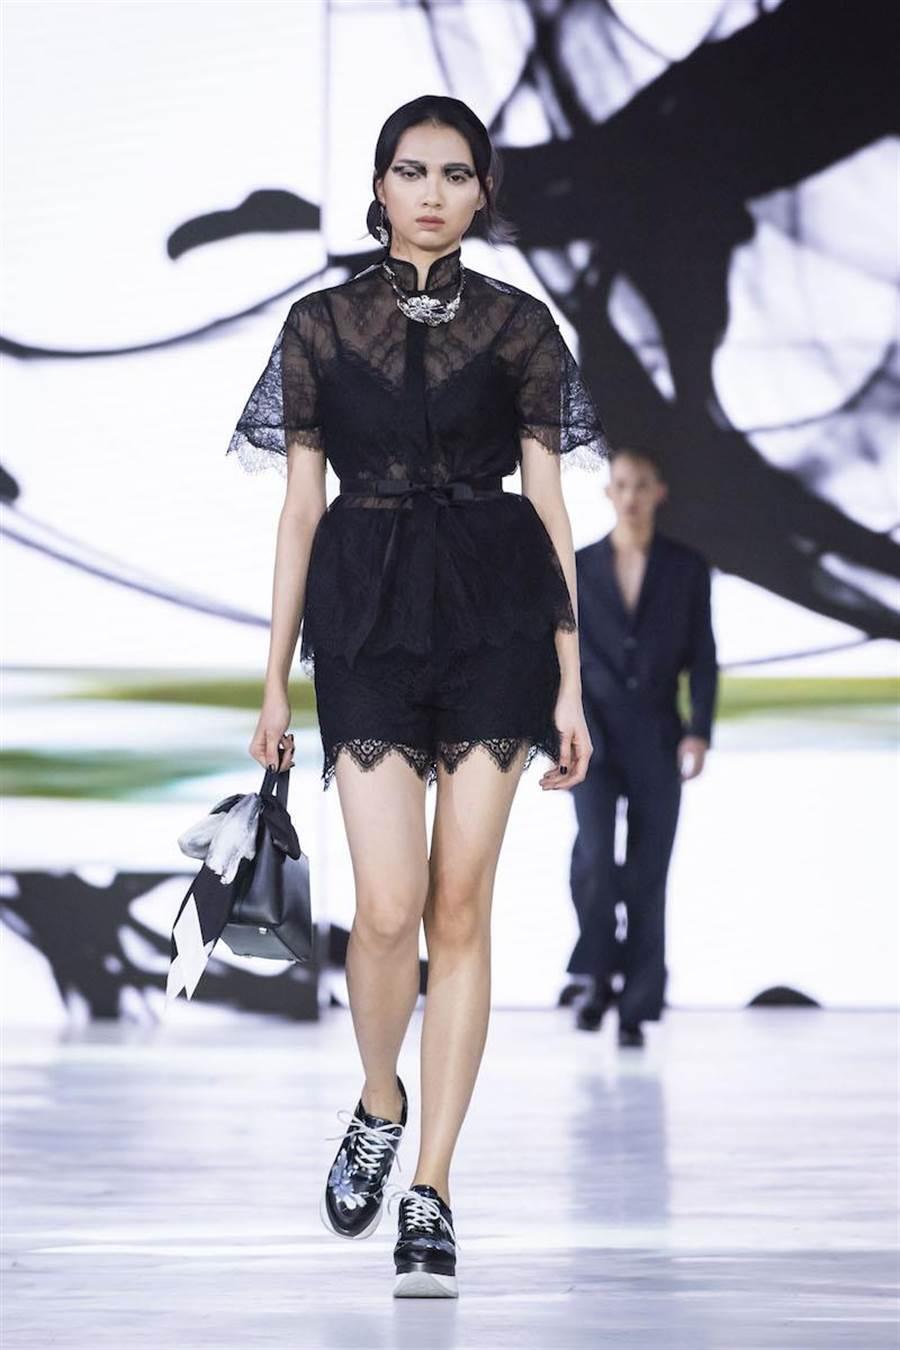 蕭珮瑩穿上夏姿2020春夏系列,具光澤和透膚感布料層疊打造出視覺上的豐富感。(伊林提供)